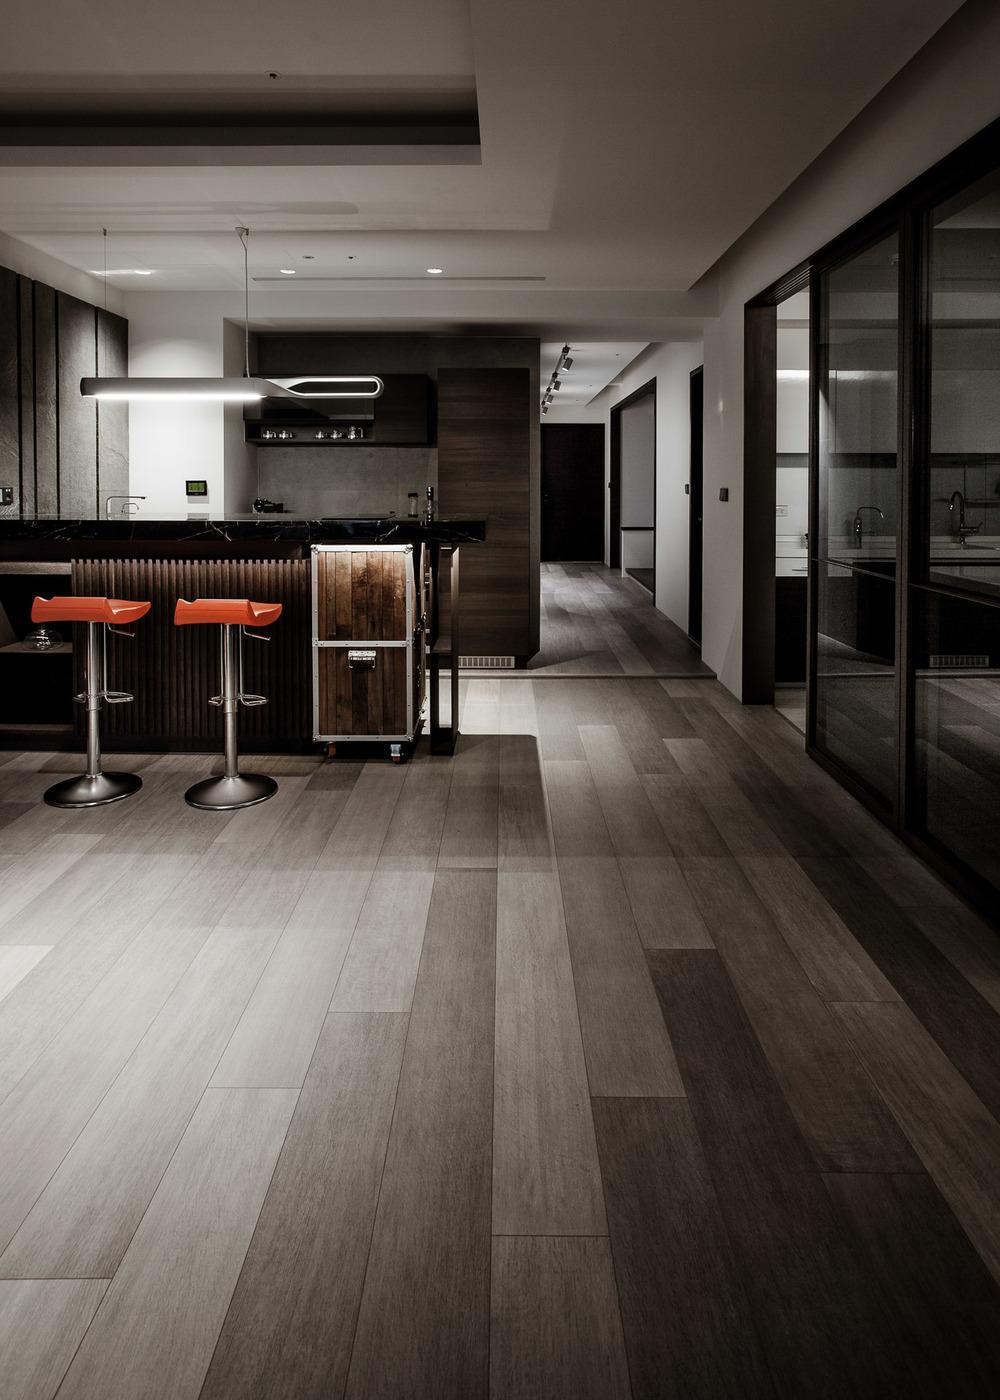 Interior-091.jpg